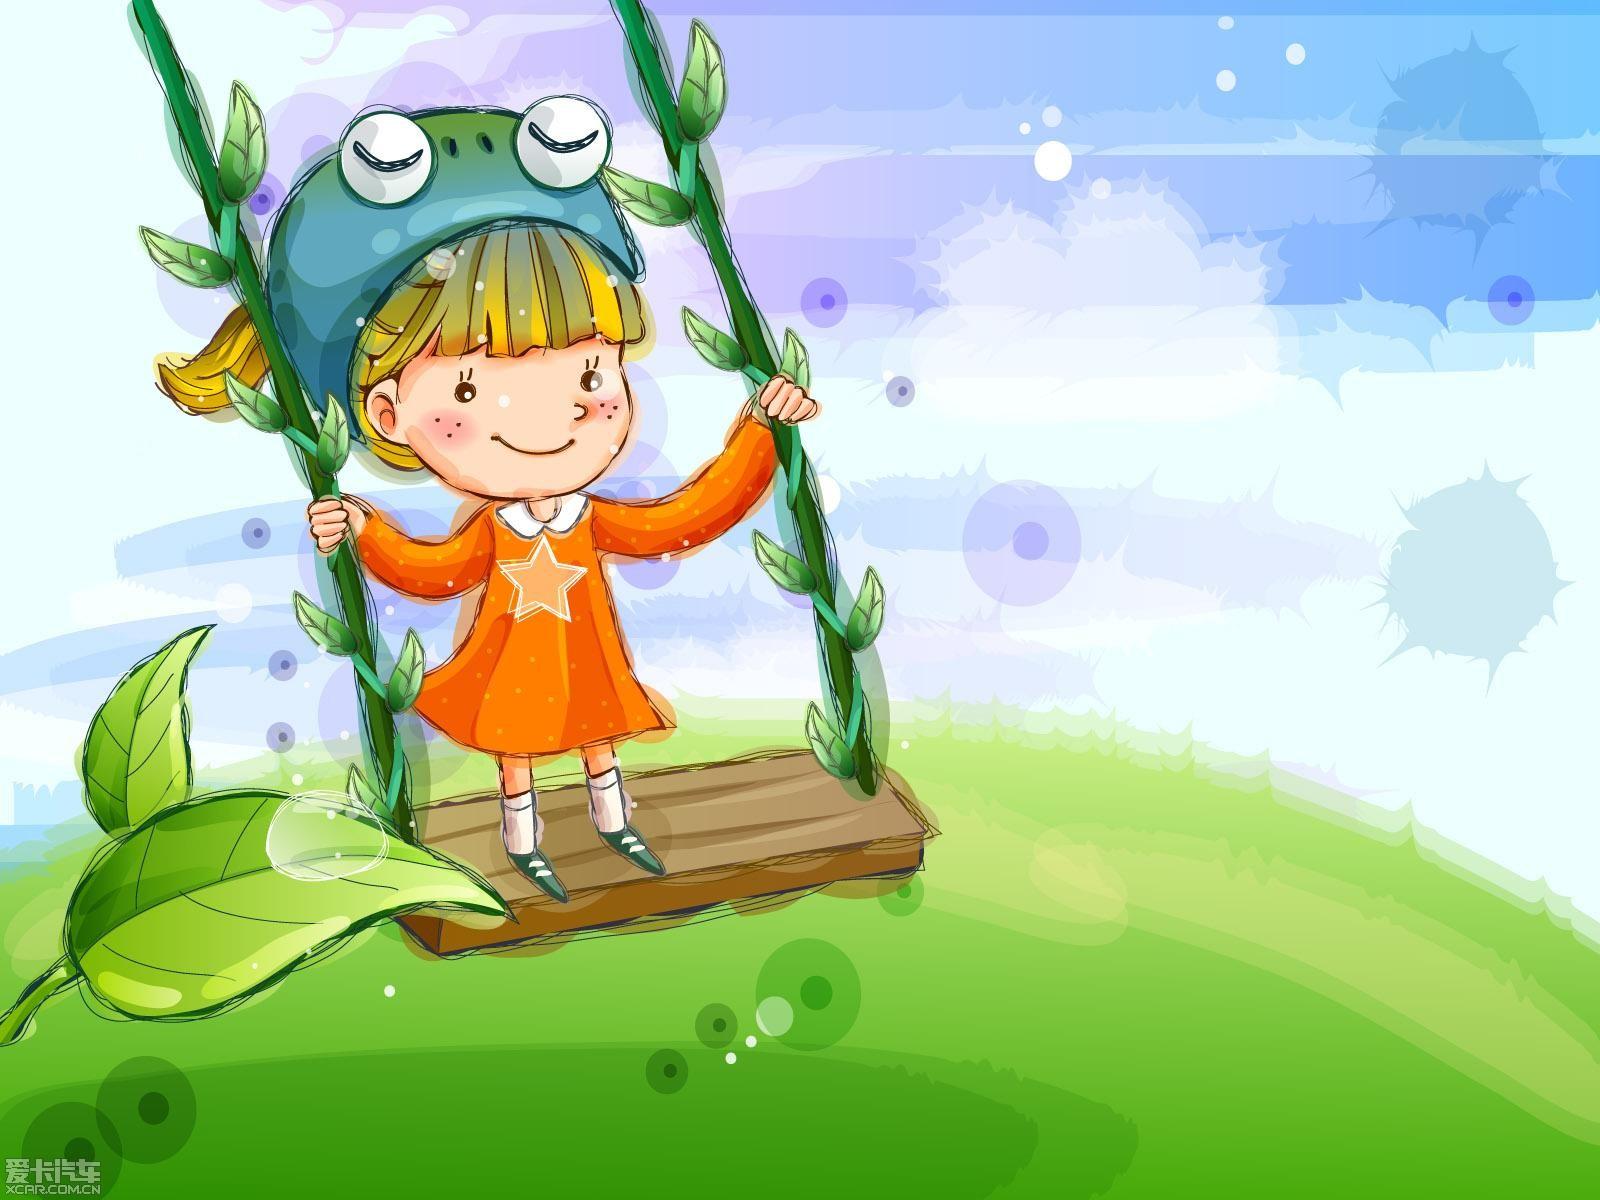 可爱简笔画手绘插图收藏happy childhood快乐童年